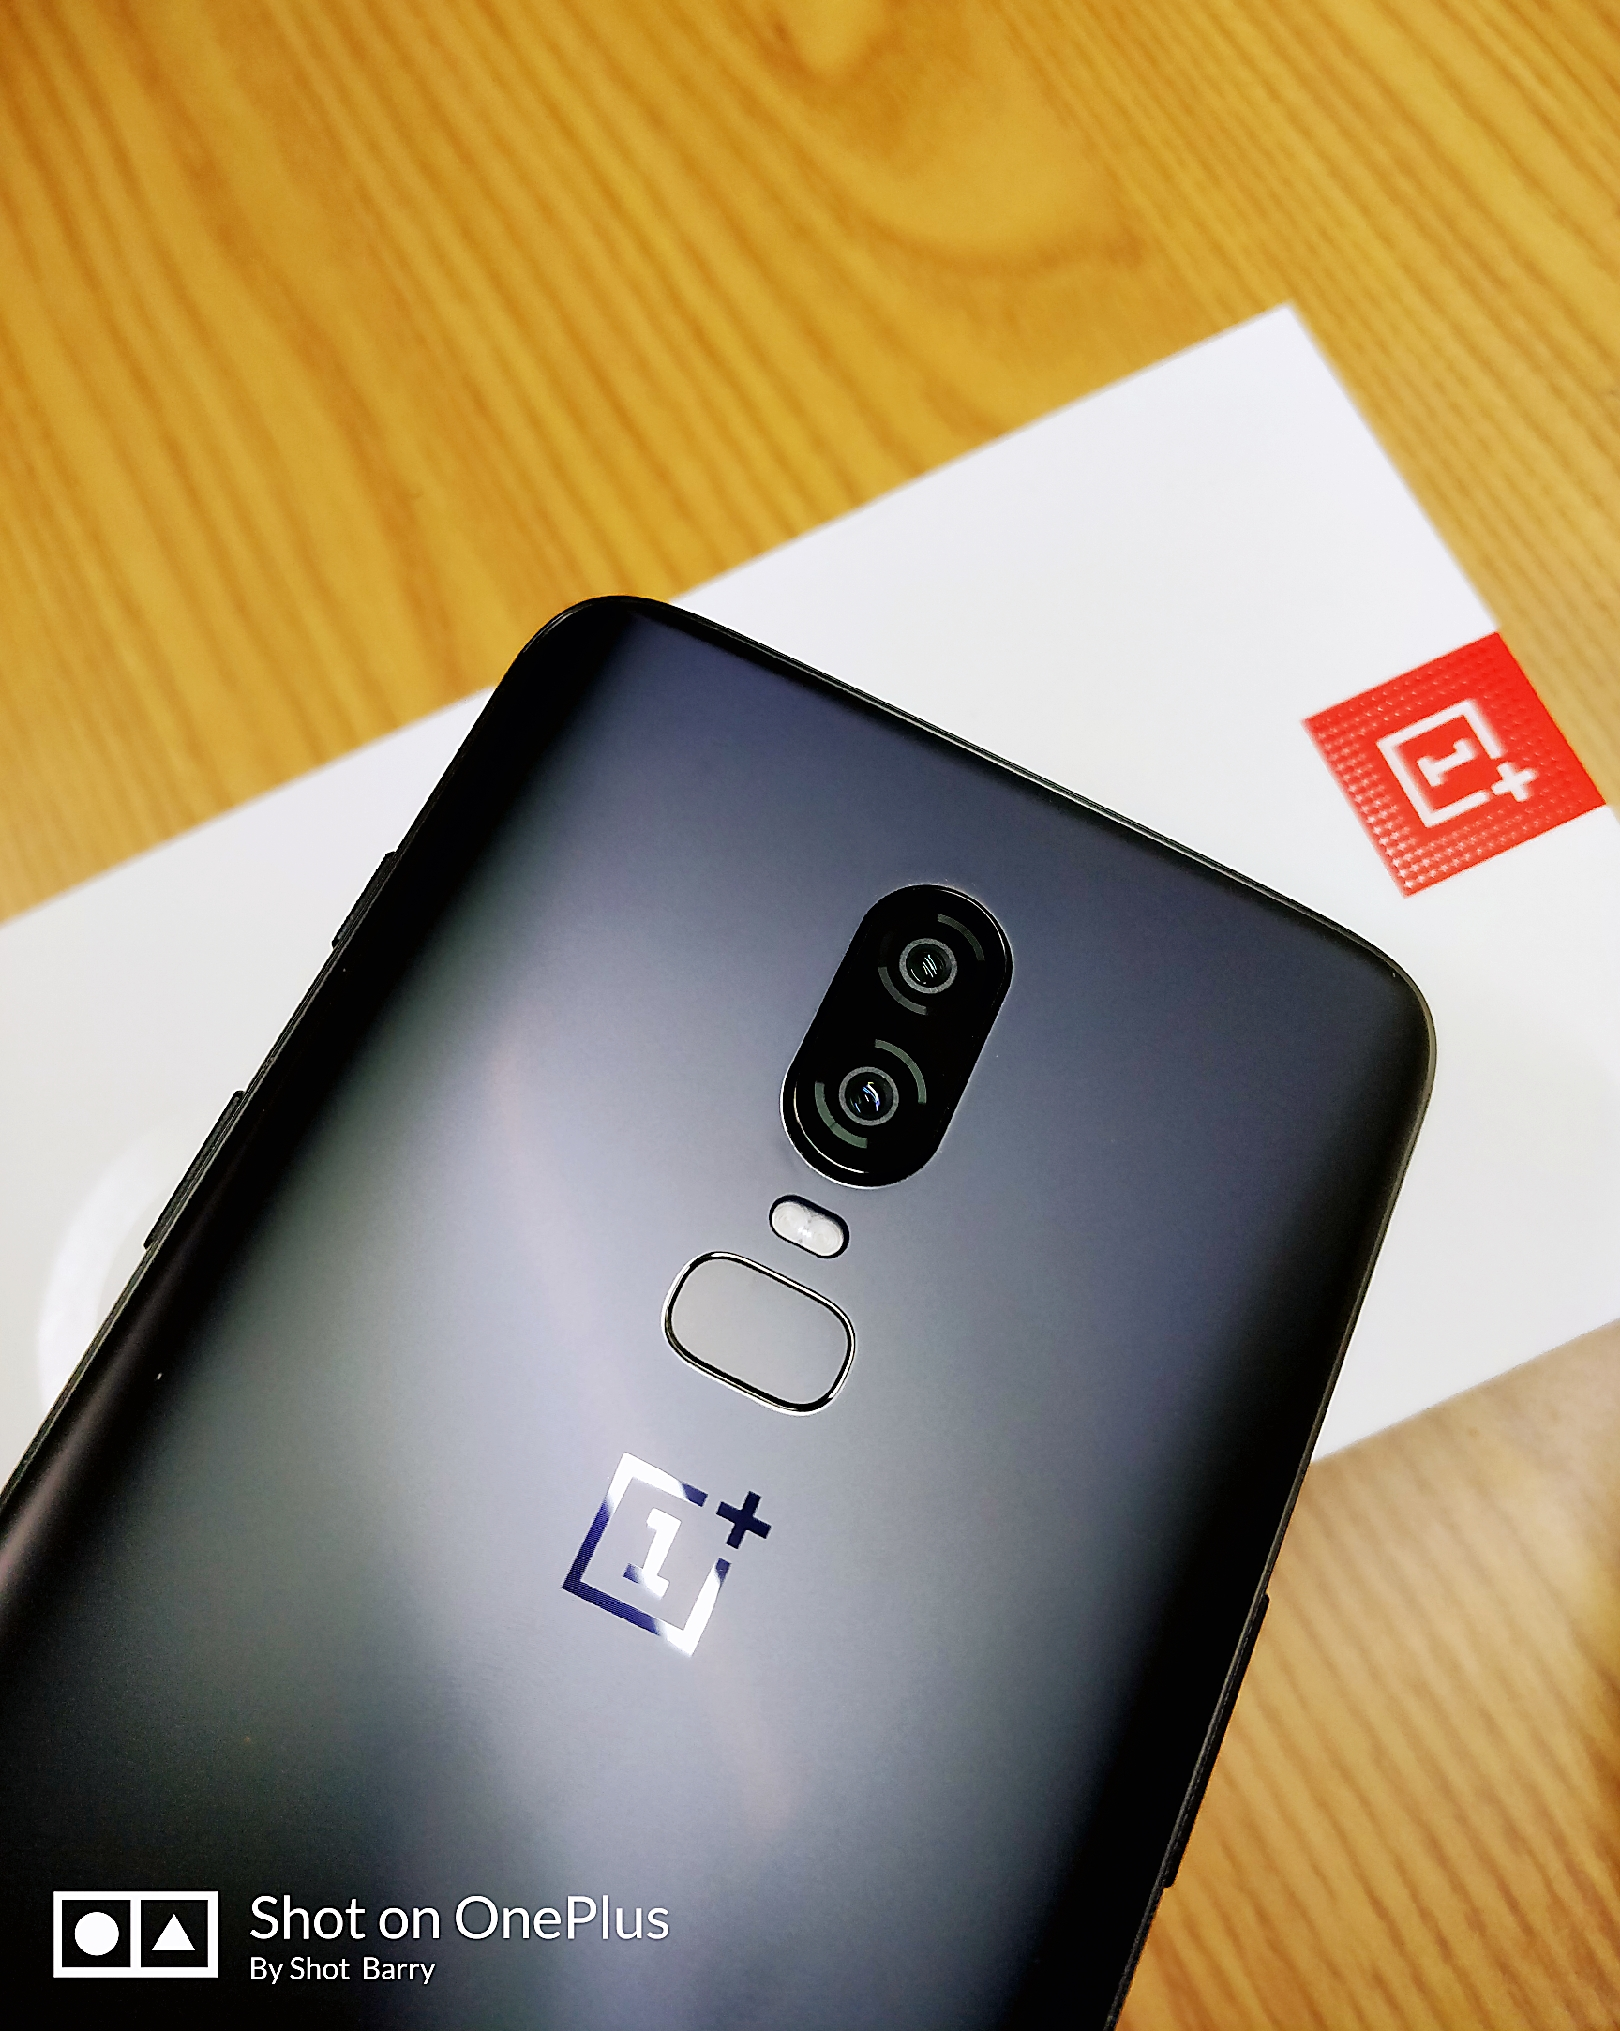 一加6手机后置摄像头图4.1.2.jpg